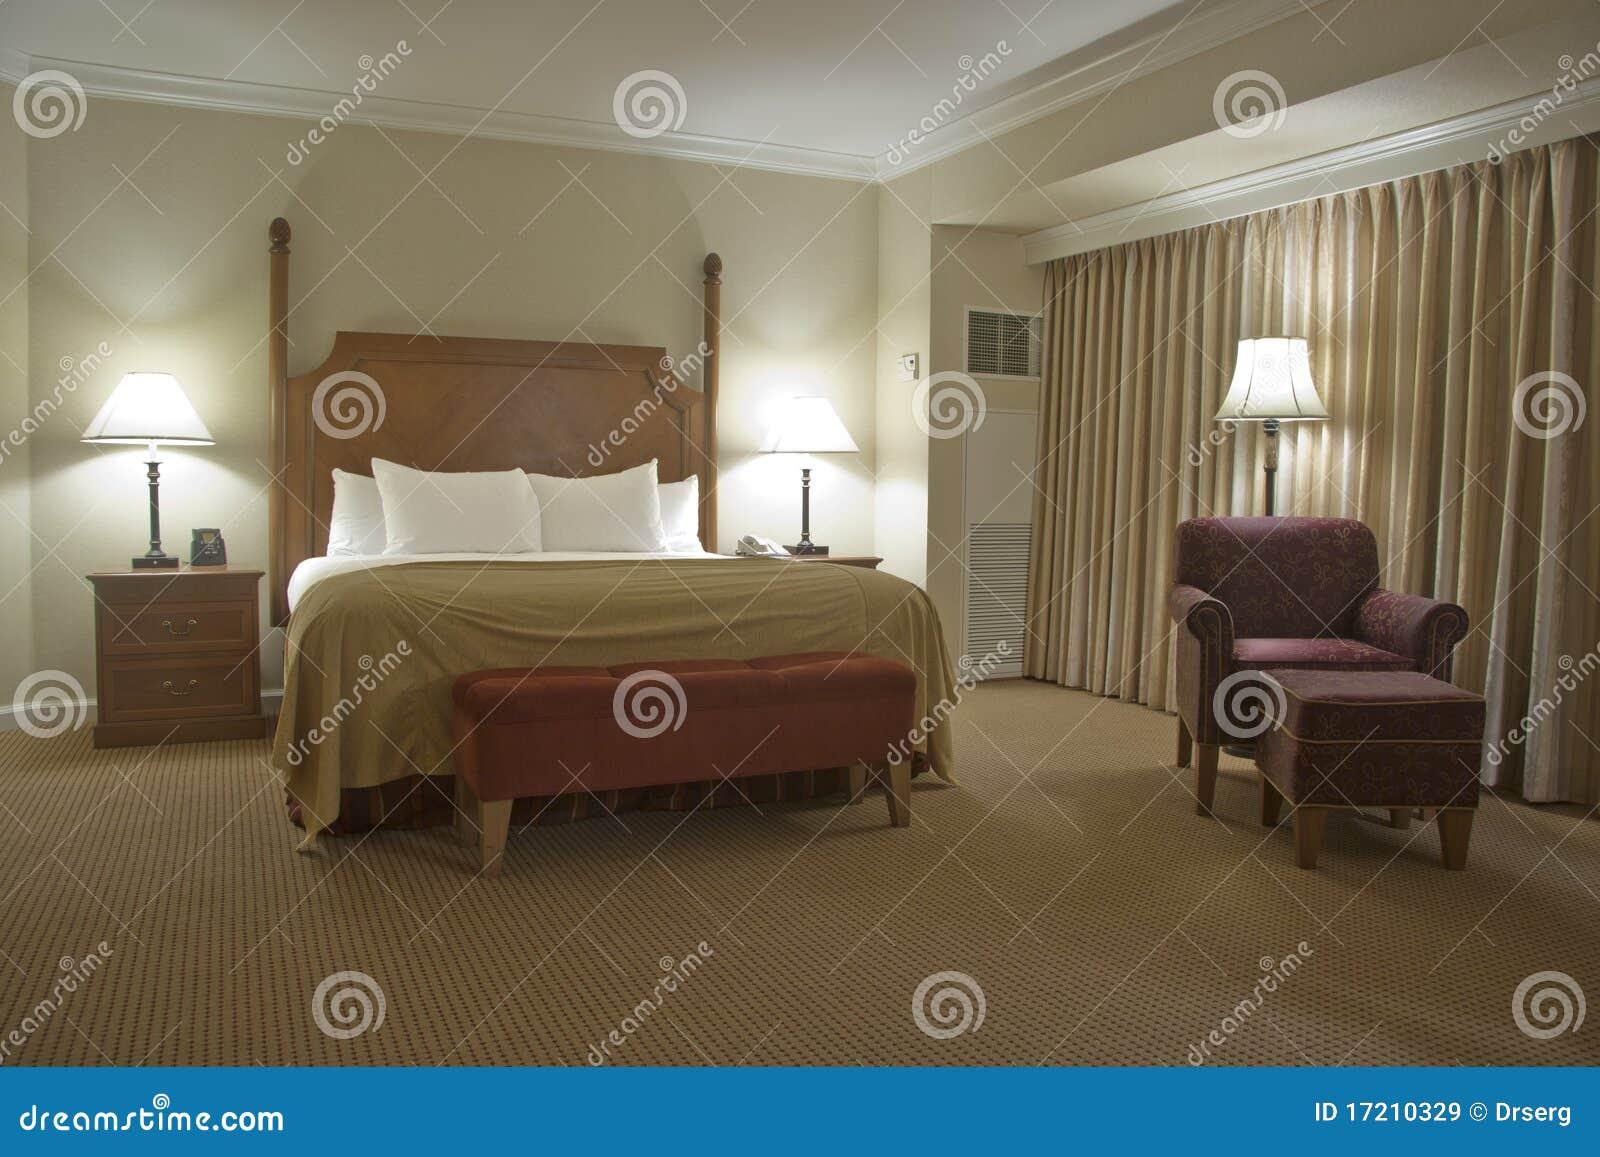 Slaapkamer met gordijn royalty vrije stock afbeeldingen afbeelding 17210329 - Slaapkamer gordijn babymeisje ...